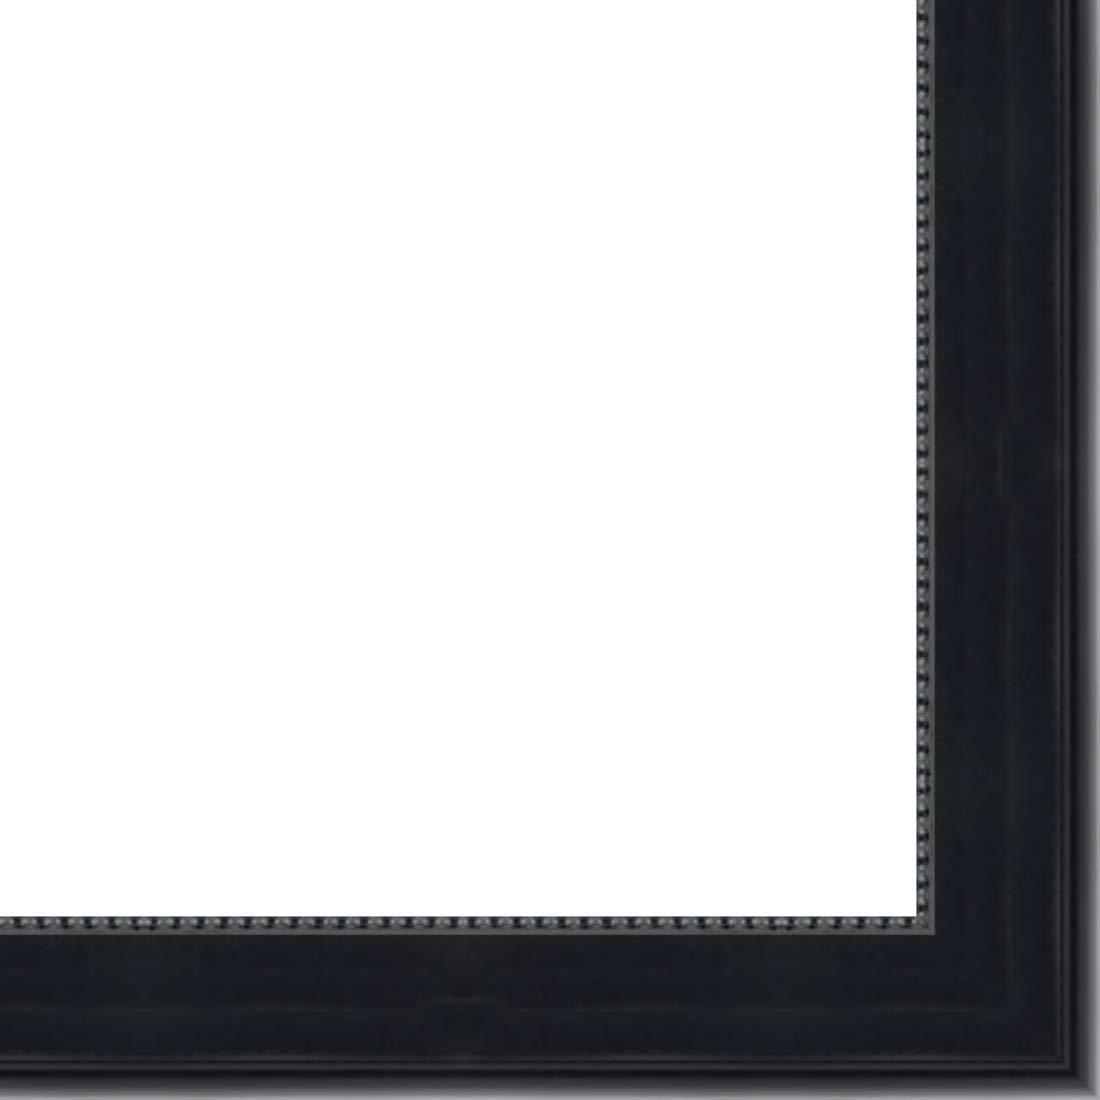 Picture Frame Moulding (Wood) 18ft bundle - Traditional Black Finish - 1.625'' width - 3/8'' rabbet depth